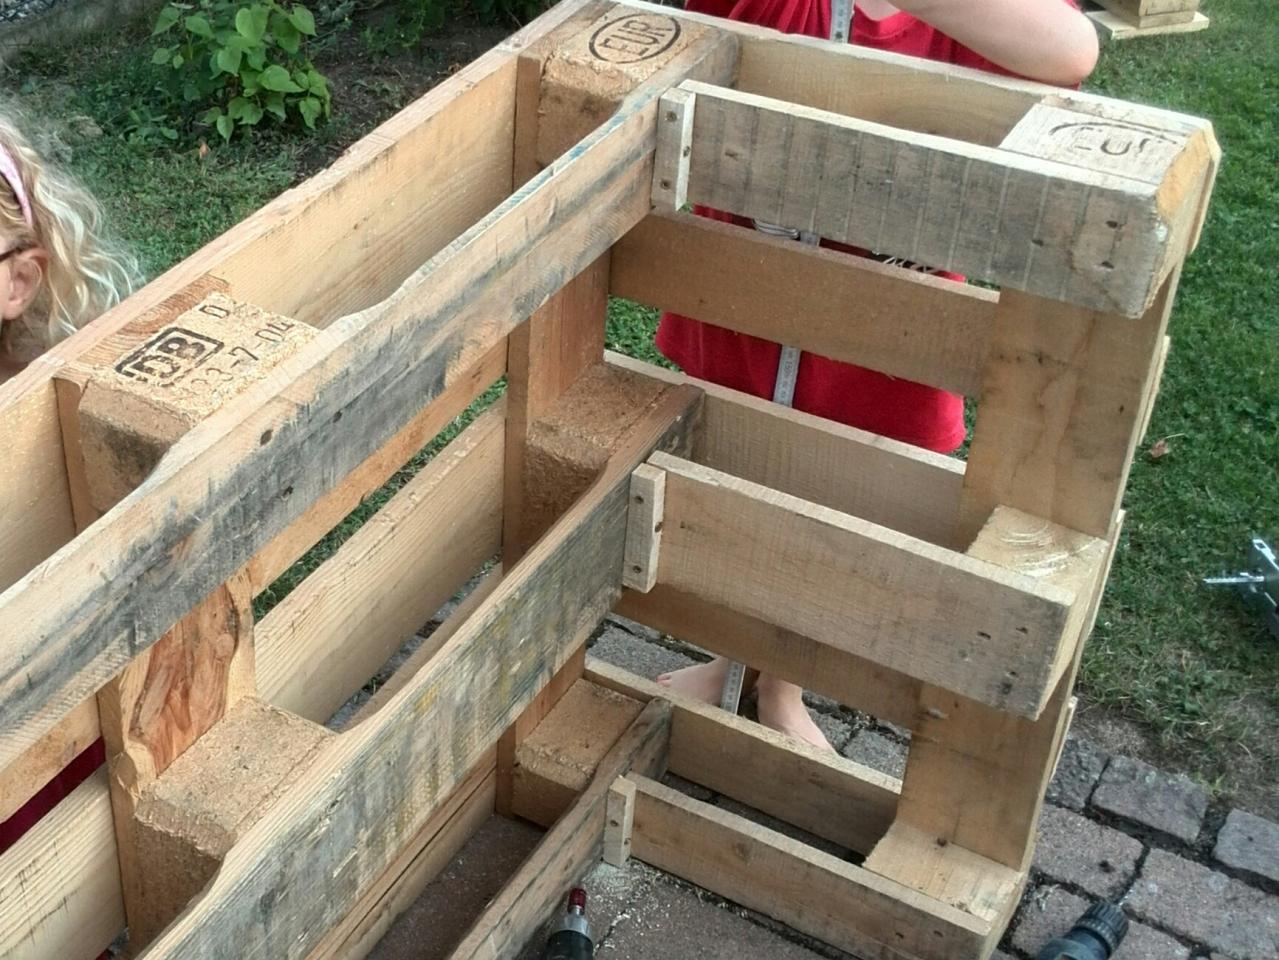 Outdoor Küche Für Kinder : Outdoor küche kinder bauen. gelbe küche quelle arbeitsplatte 28mm